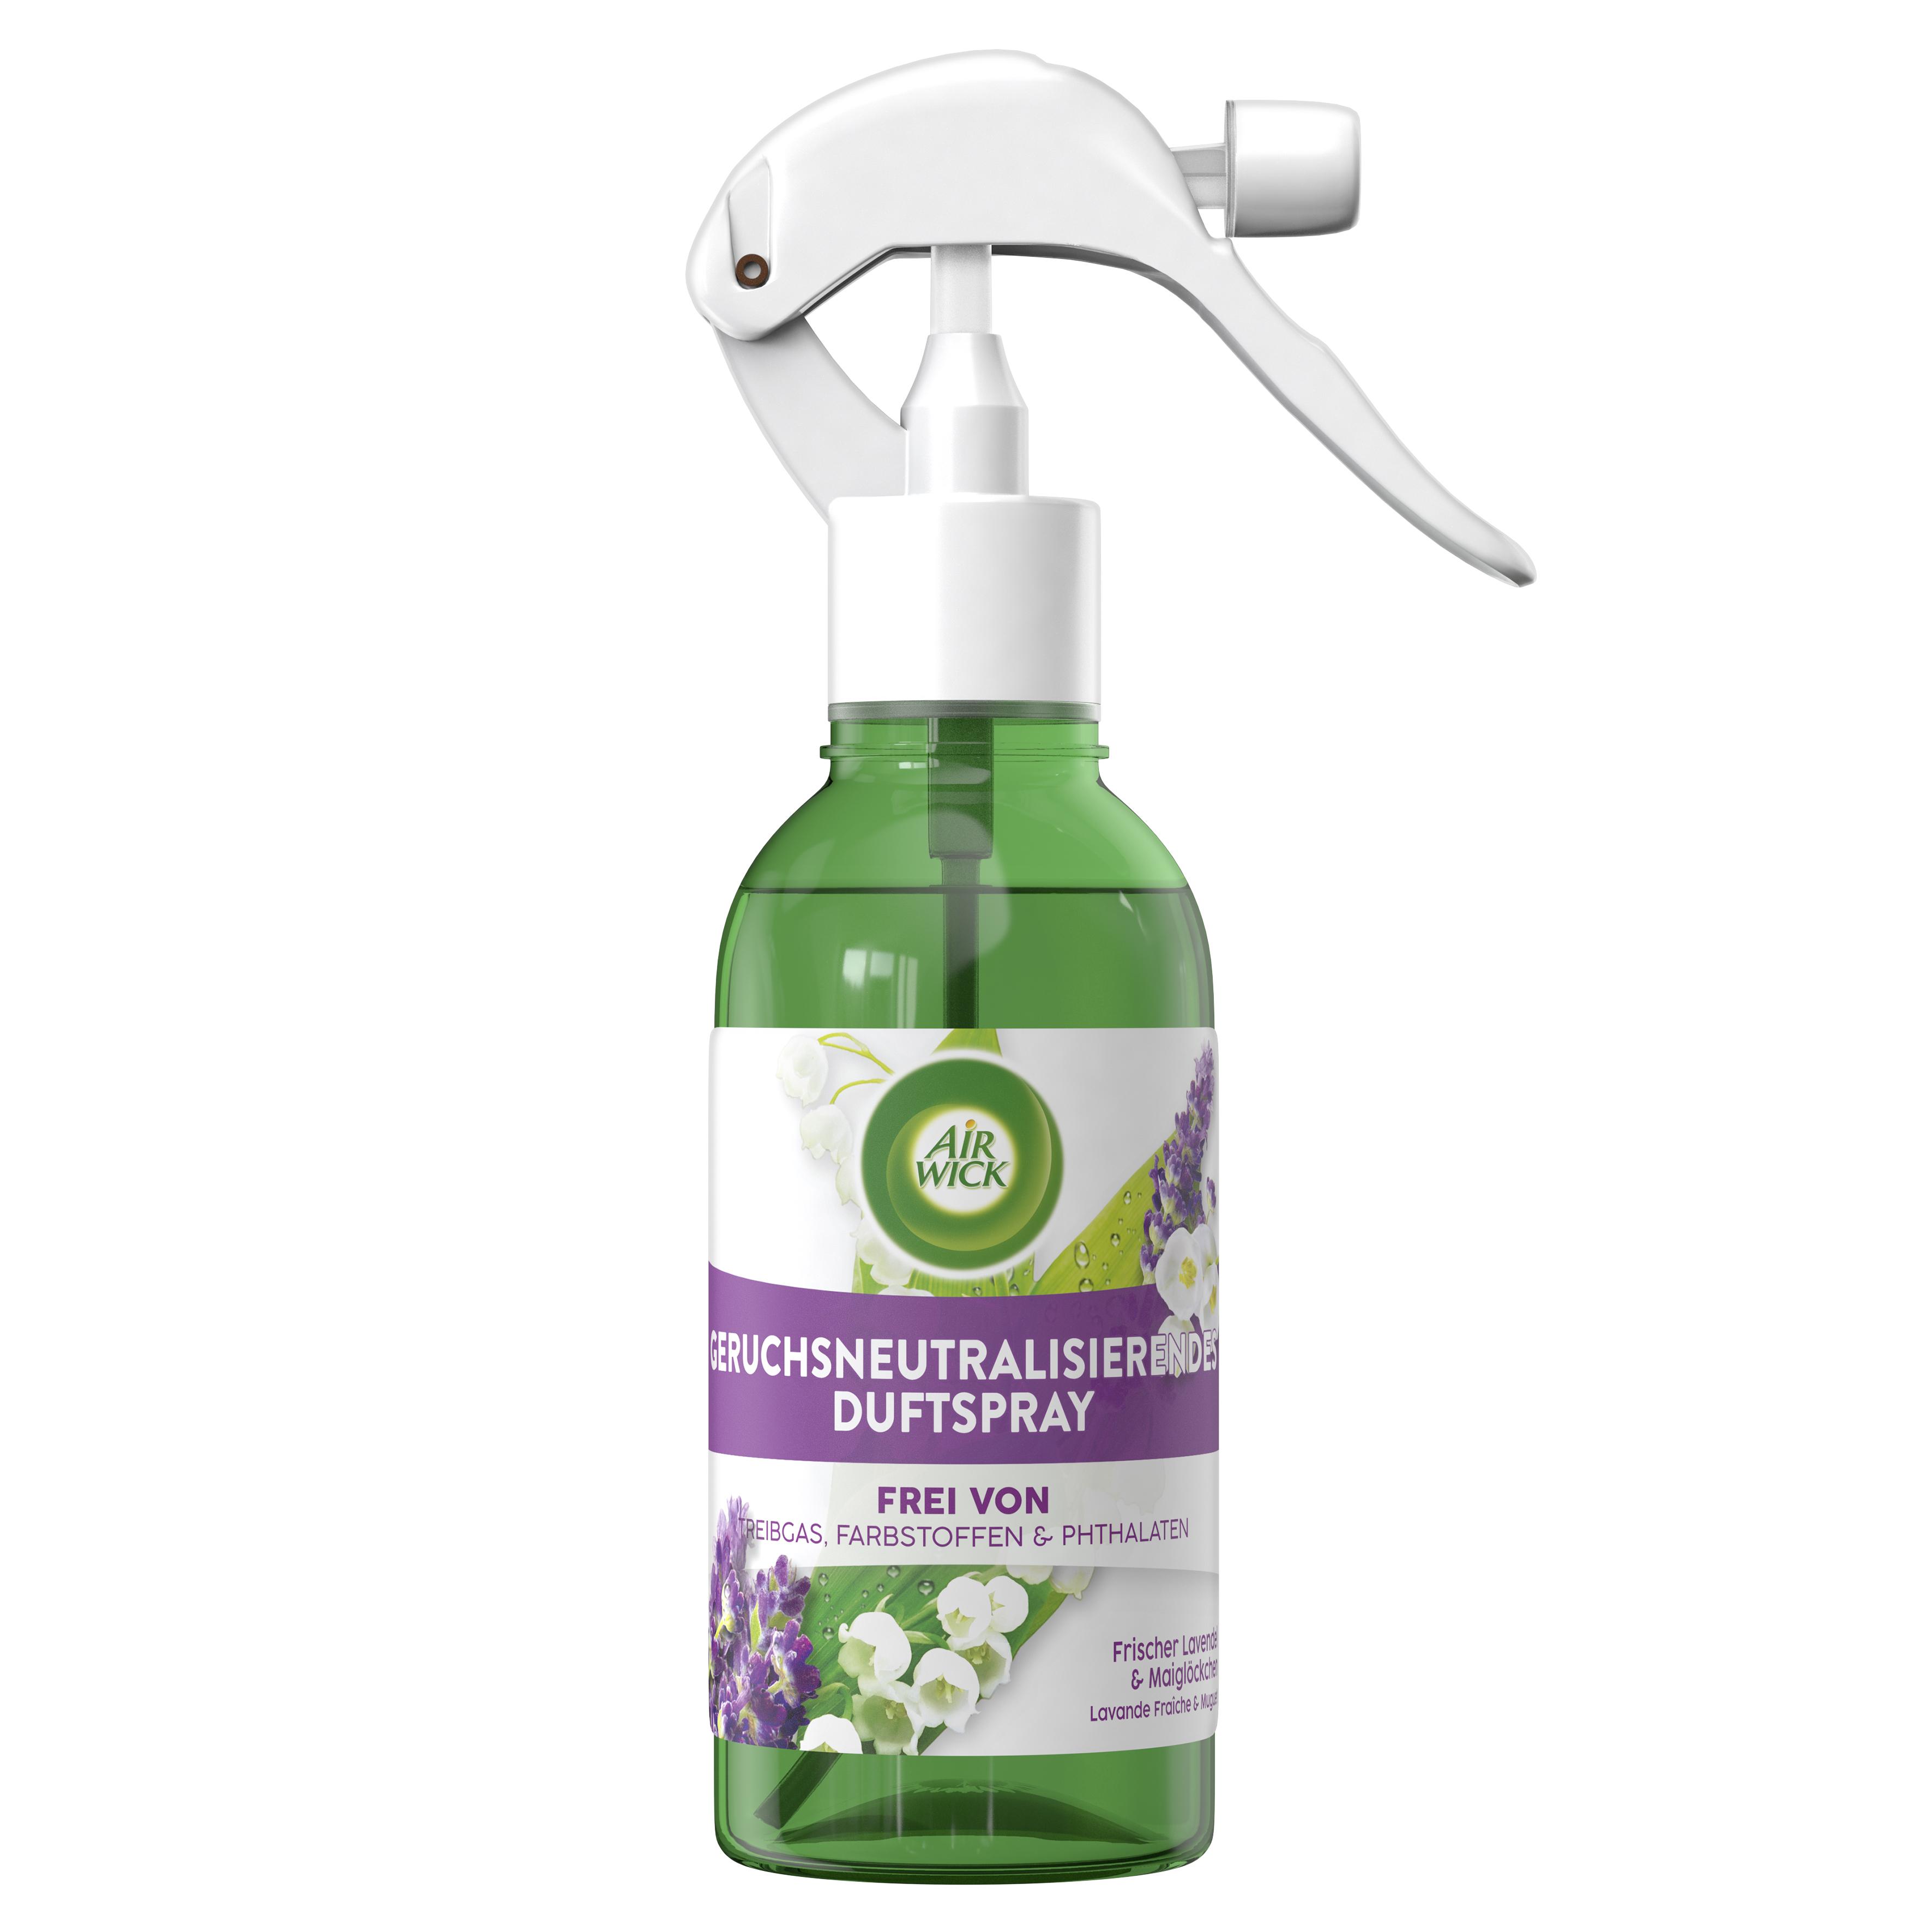 Air Wick Geruchsneutralisierendes Duftspray Frischer Lavendel & Maiglöckchen